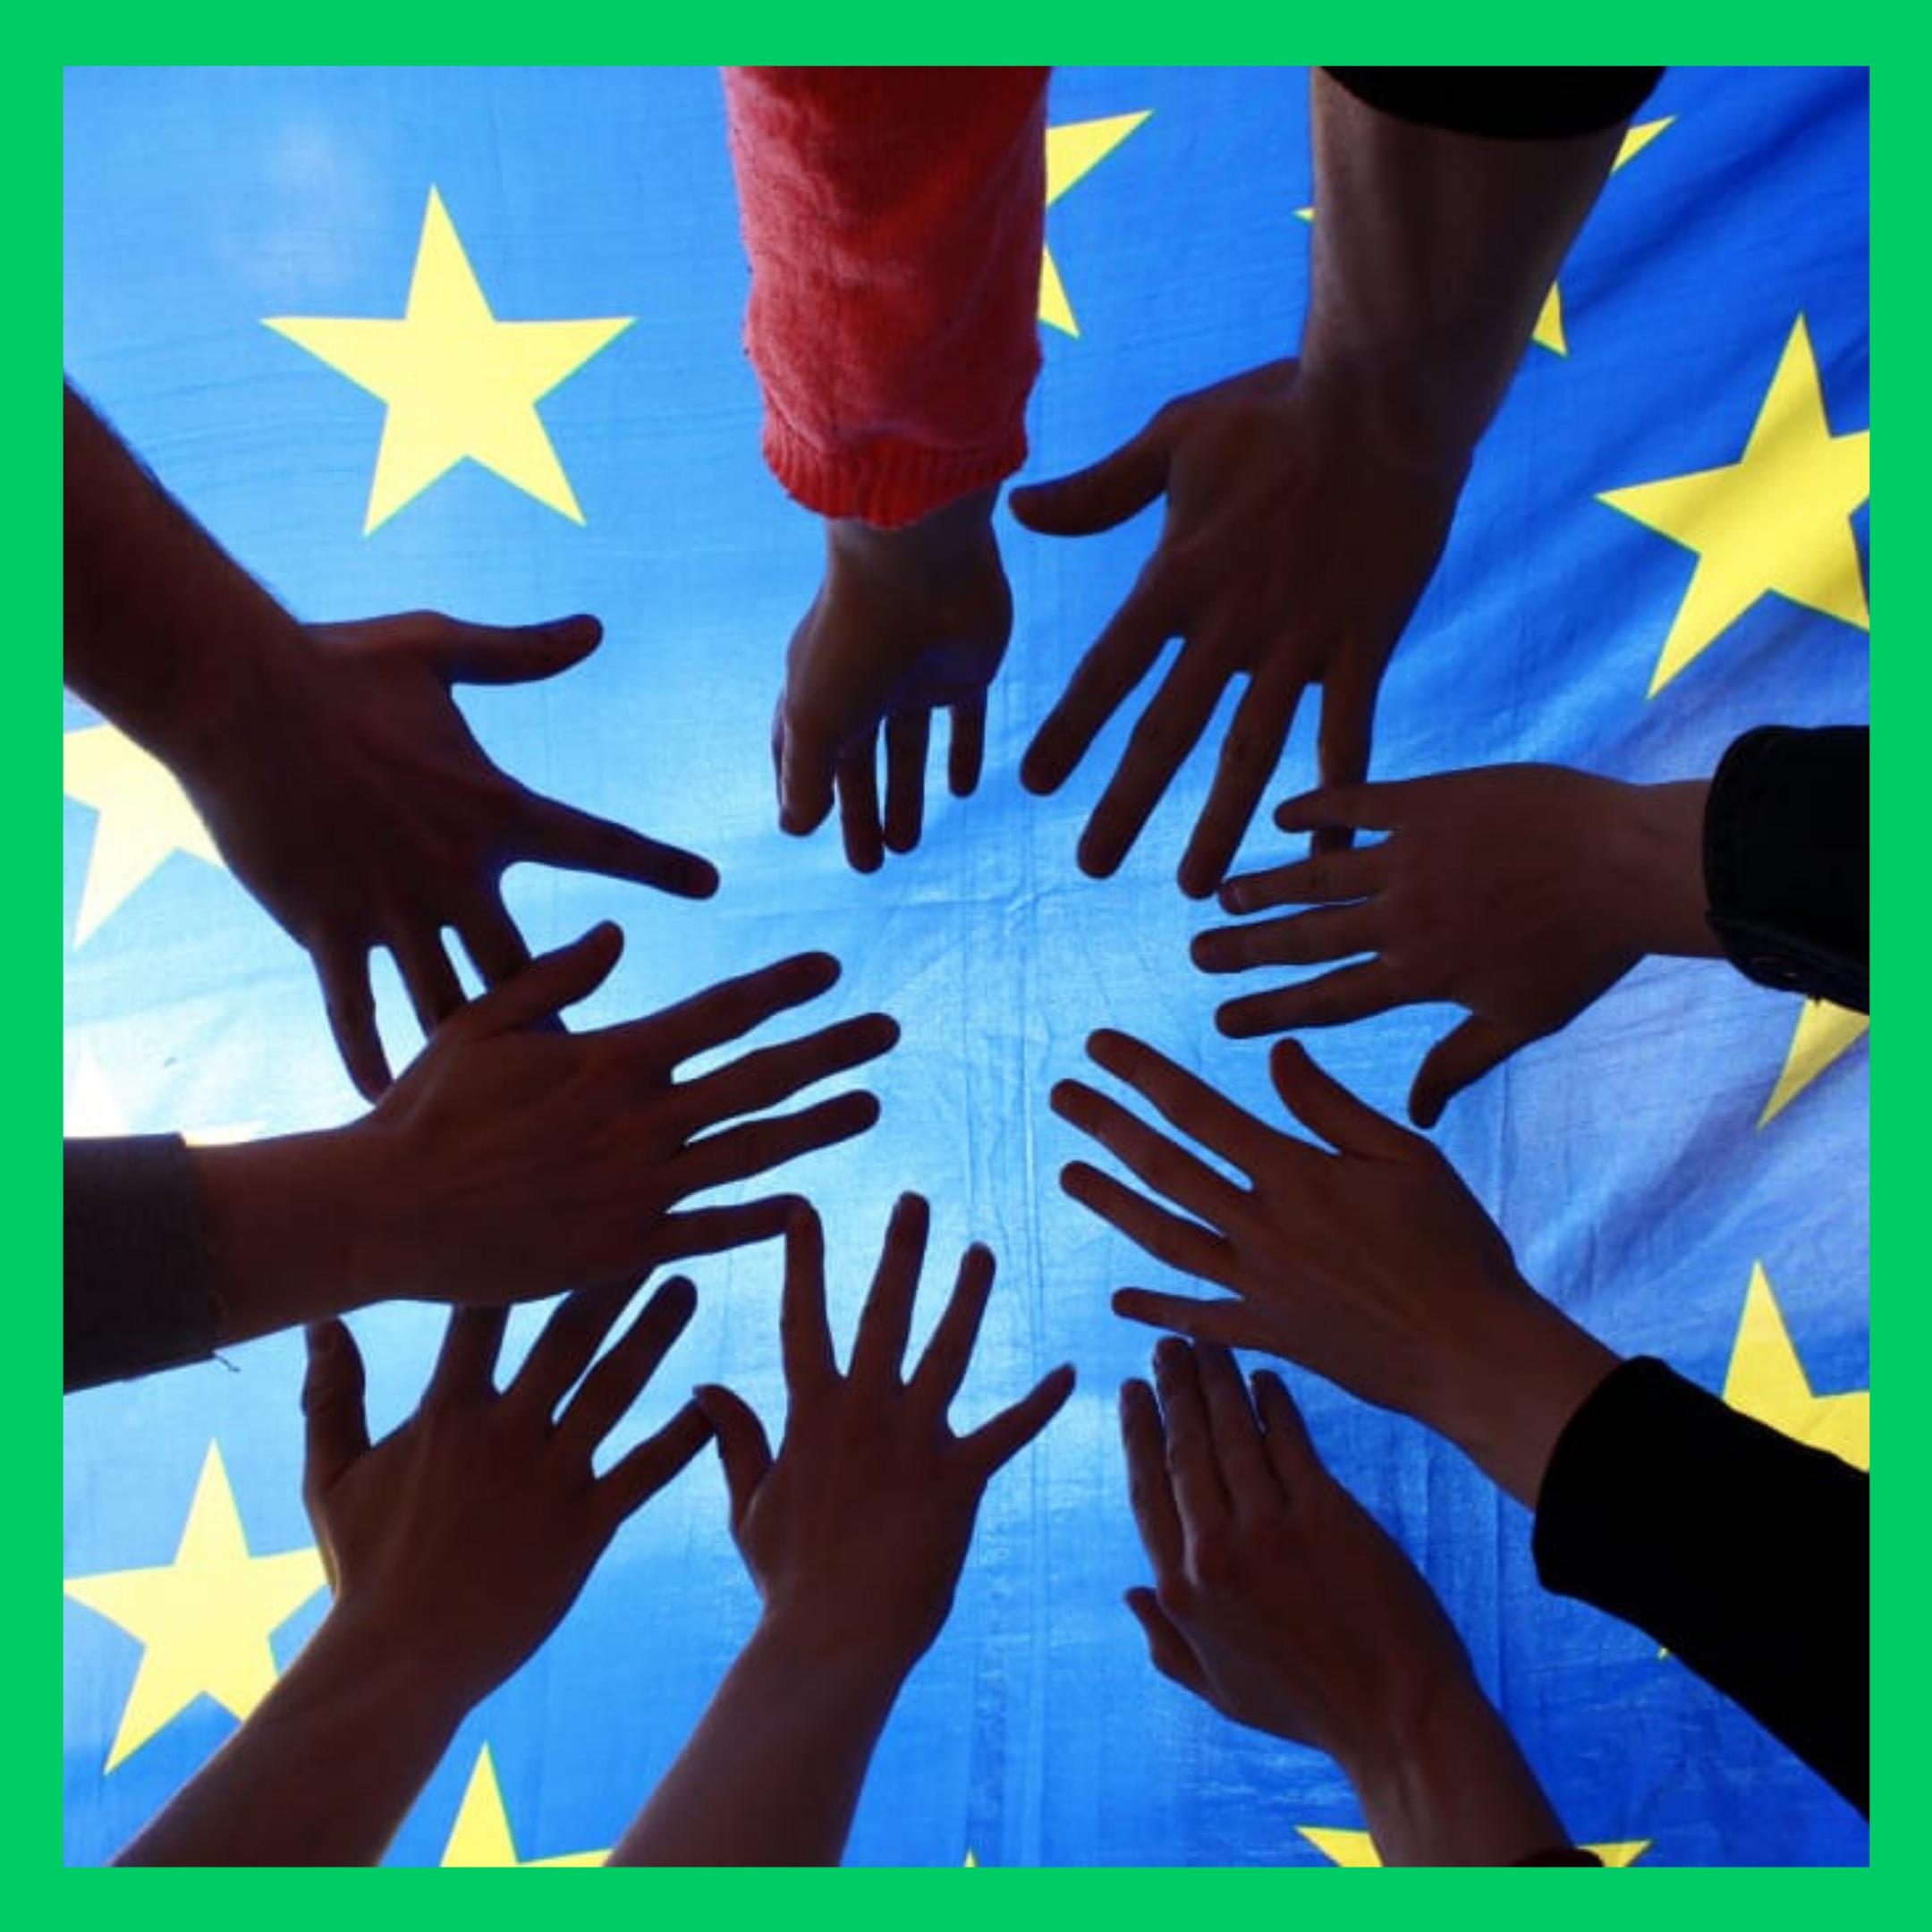 Bei Corona mehr europäische Solidarität wagen. Ein Aufruf.